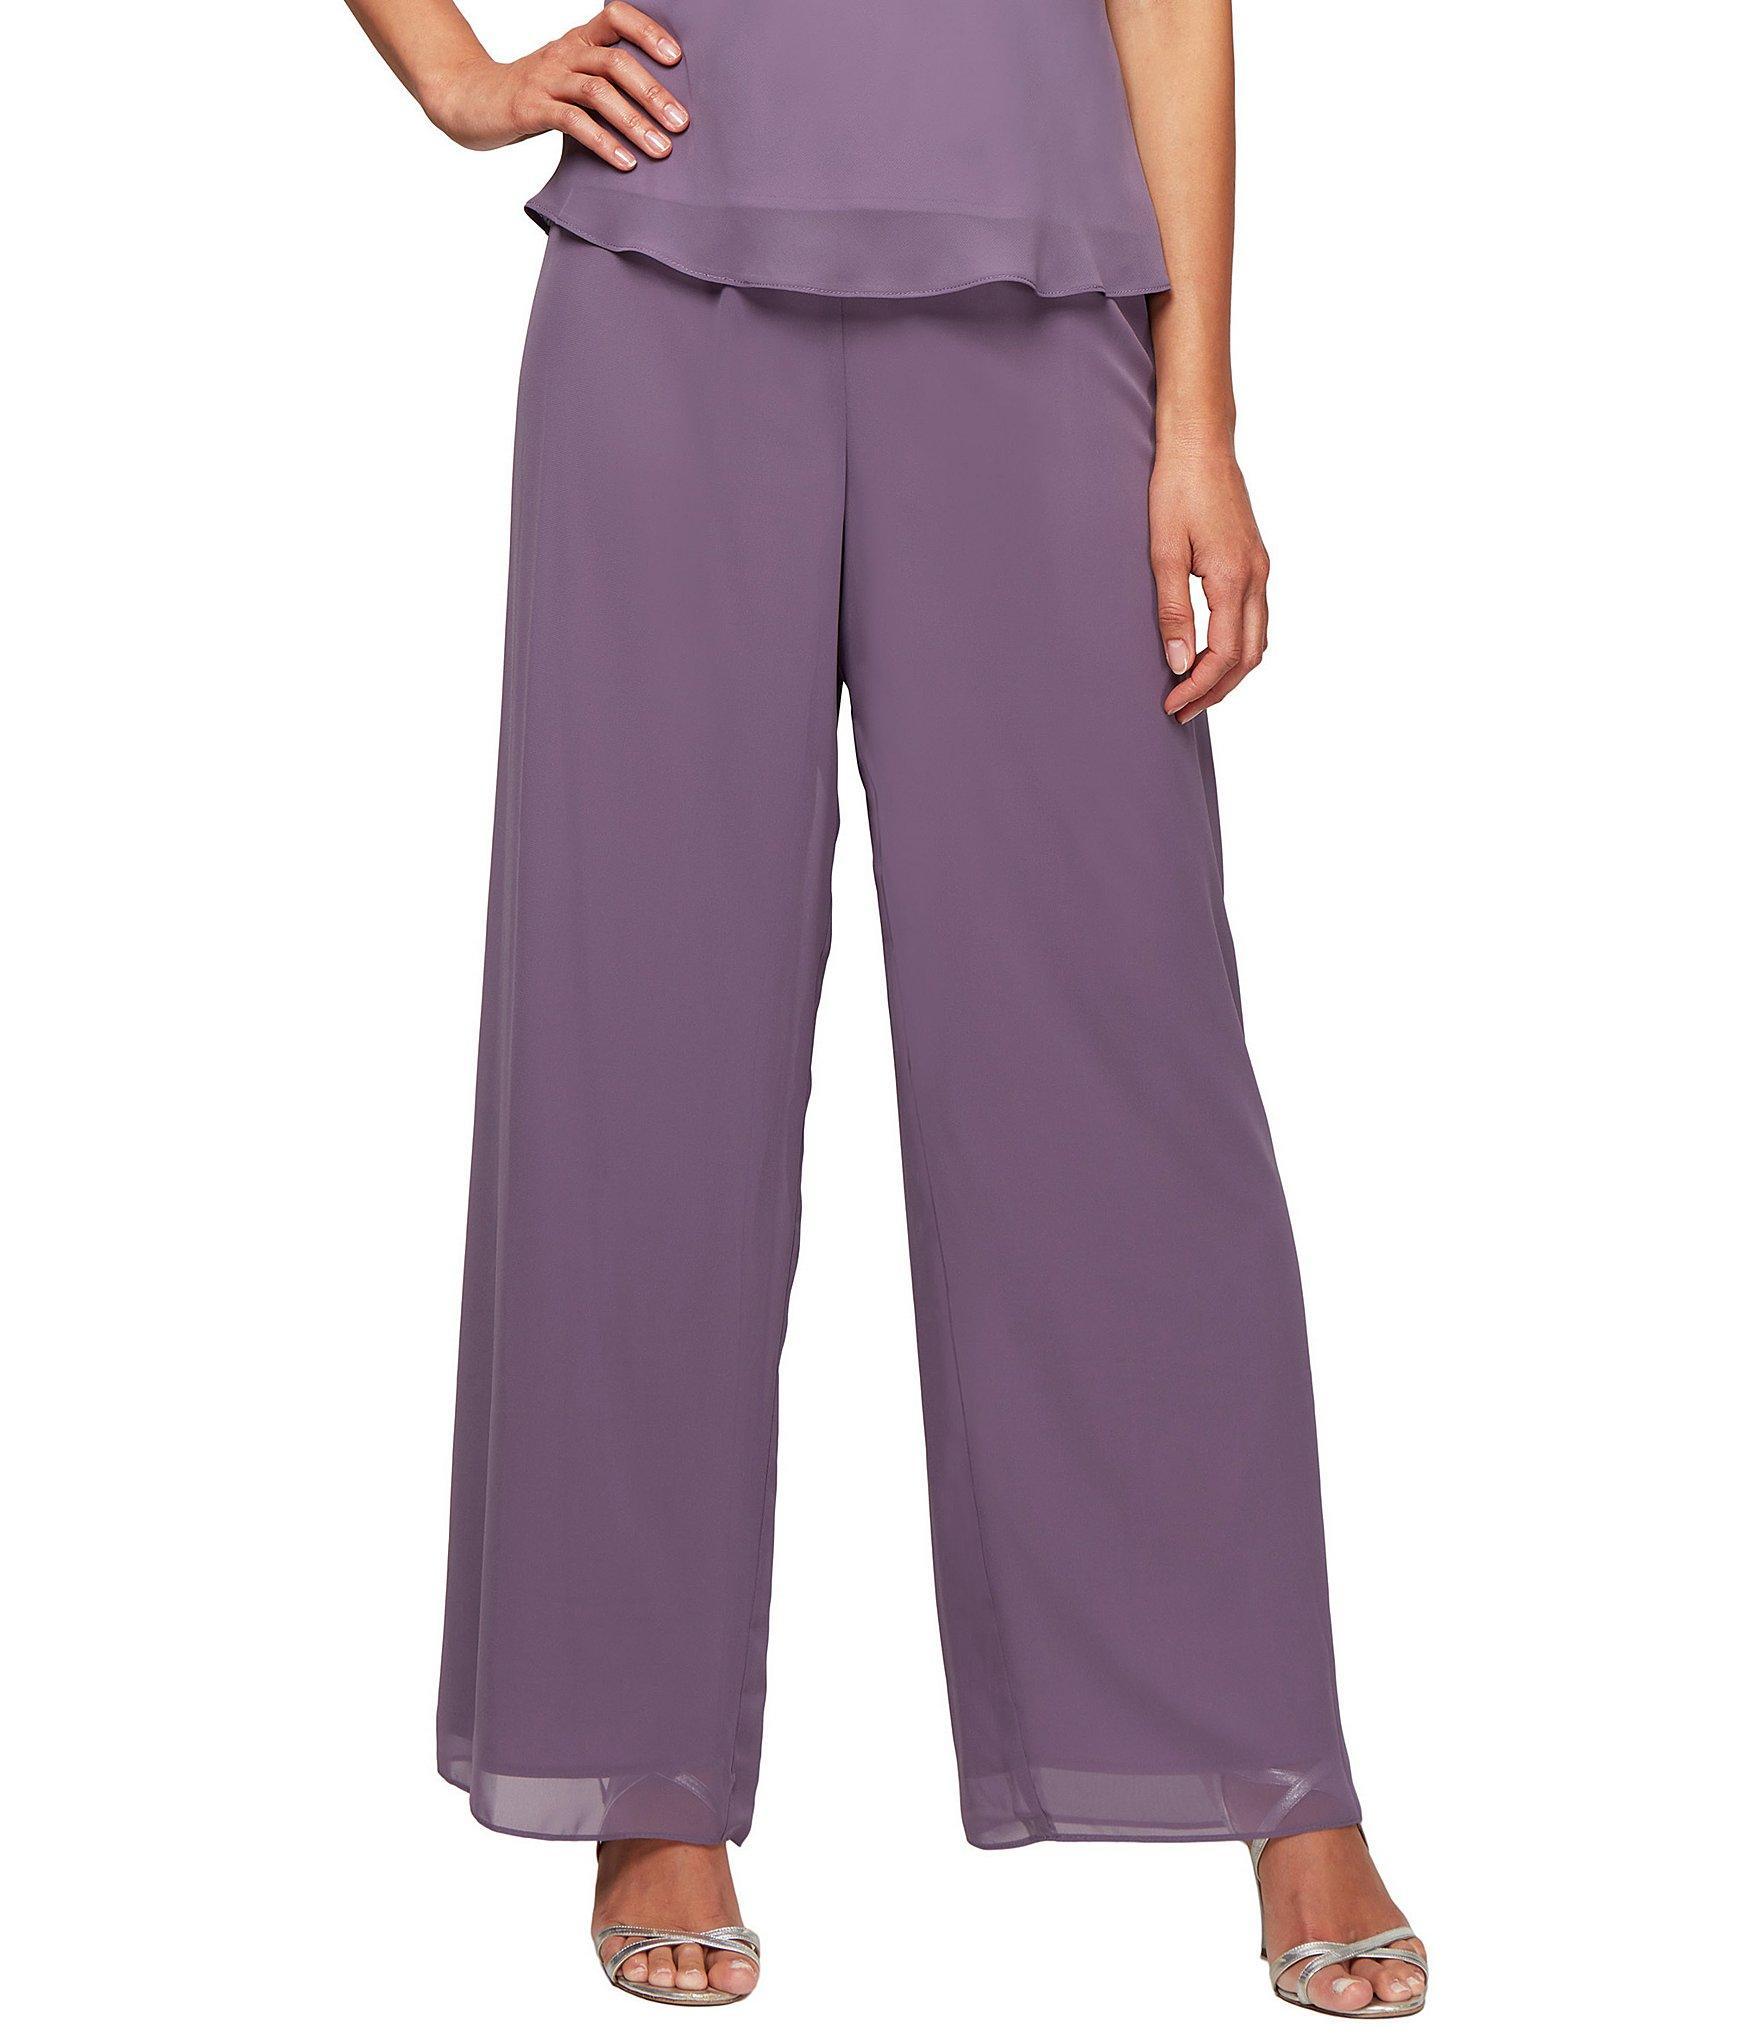 324eeeea329 Lyst - Alex Evenings Wide Leg Chiffon Pant in Purple